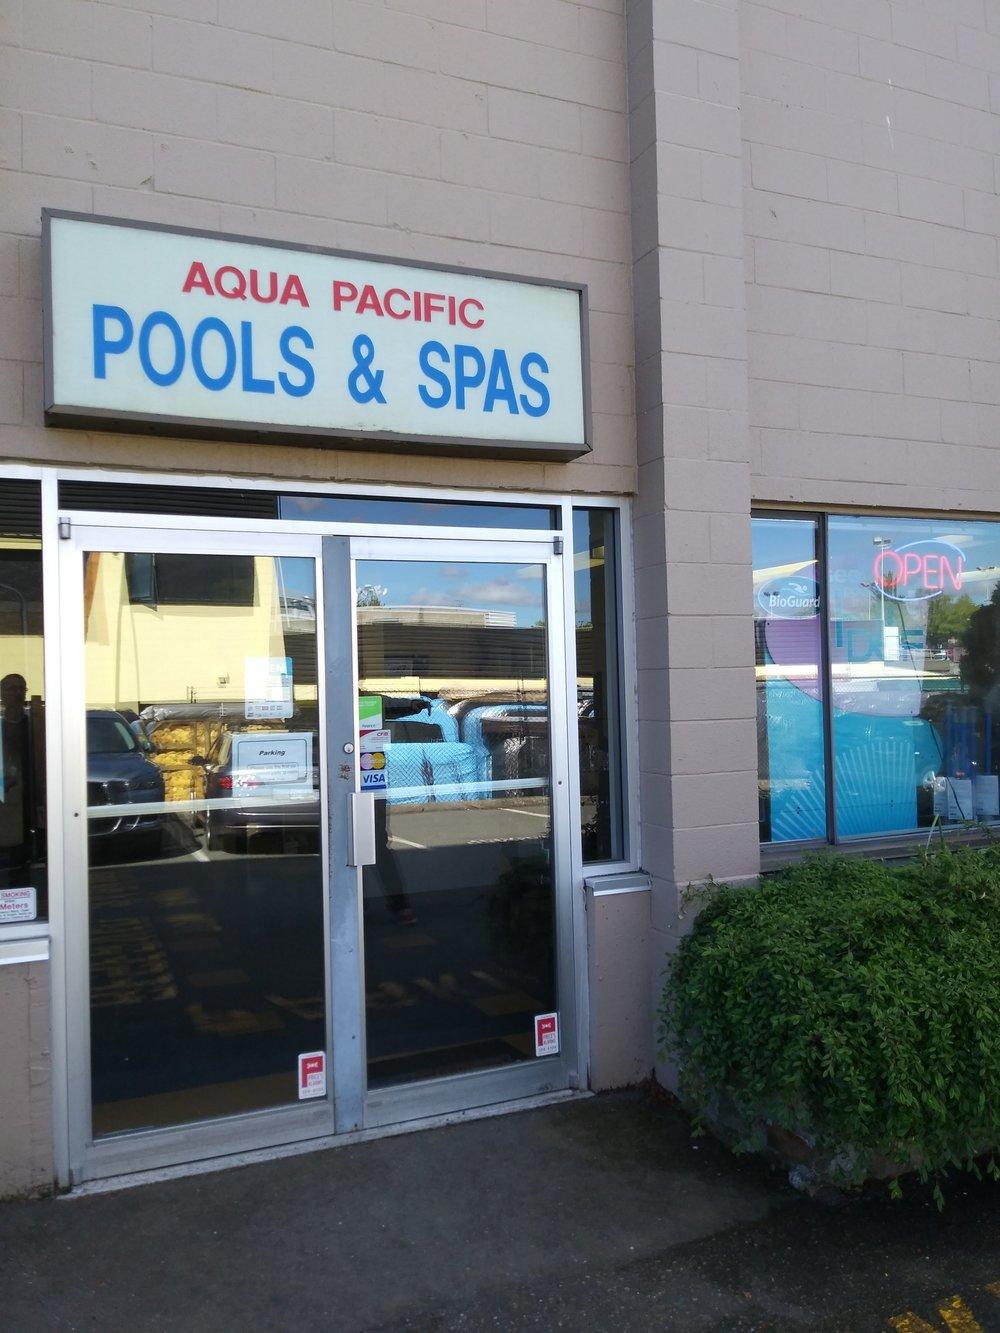 Aqua Pacific old signage